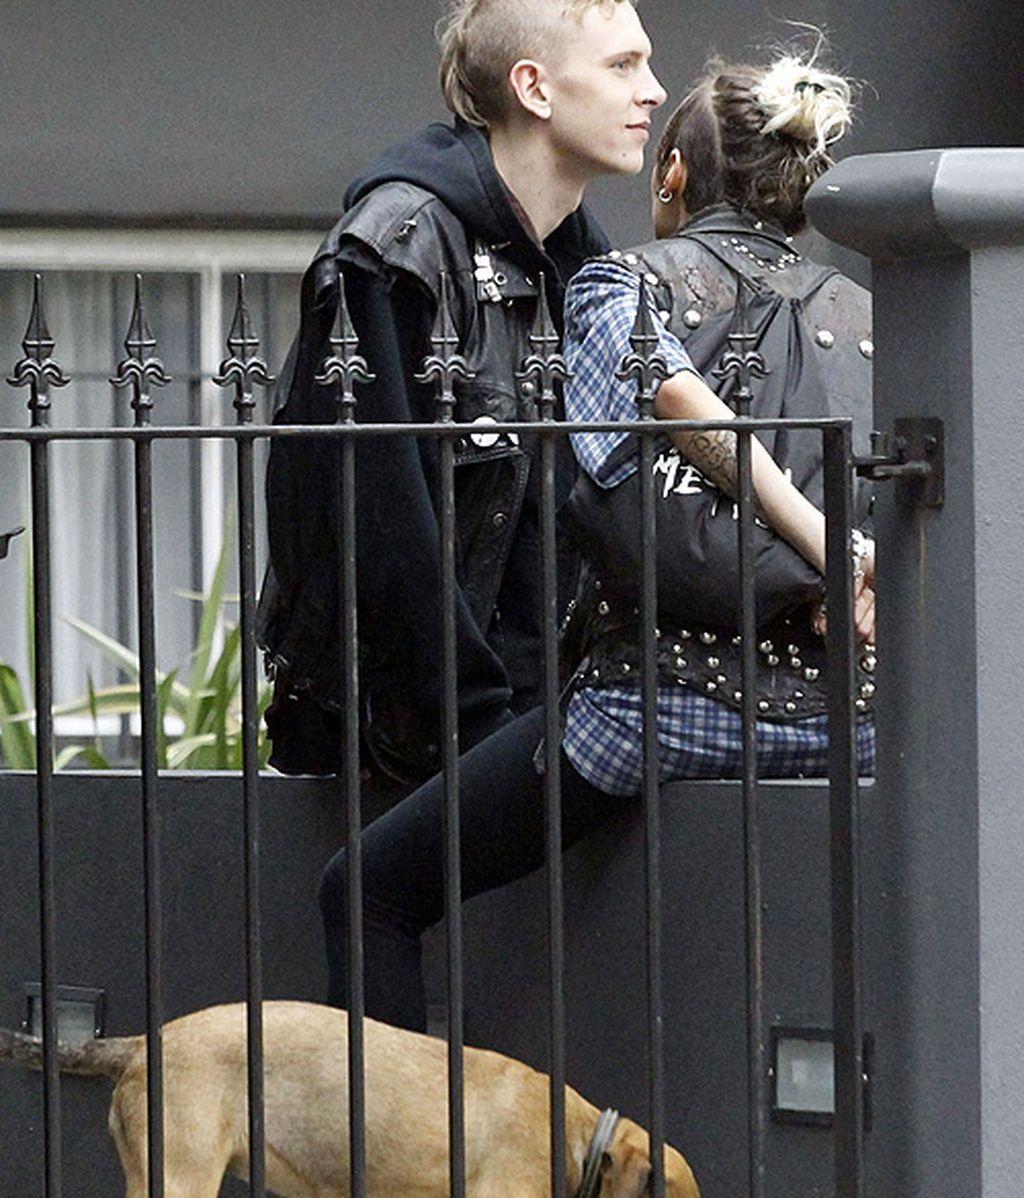 La nueva imagen de Chanel lleva perro, cresta y Dr. Martens